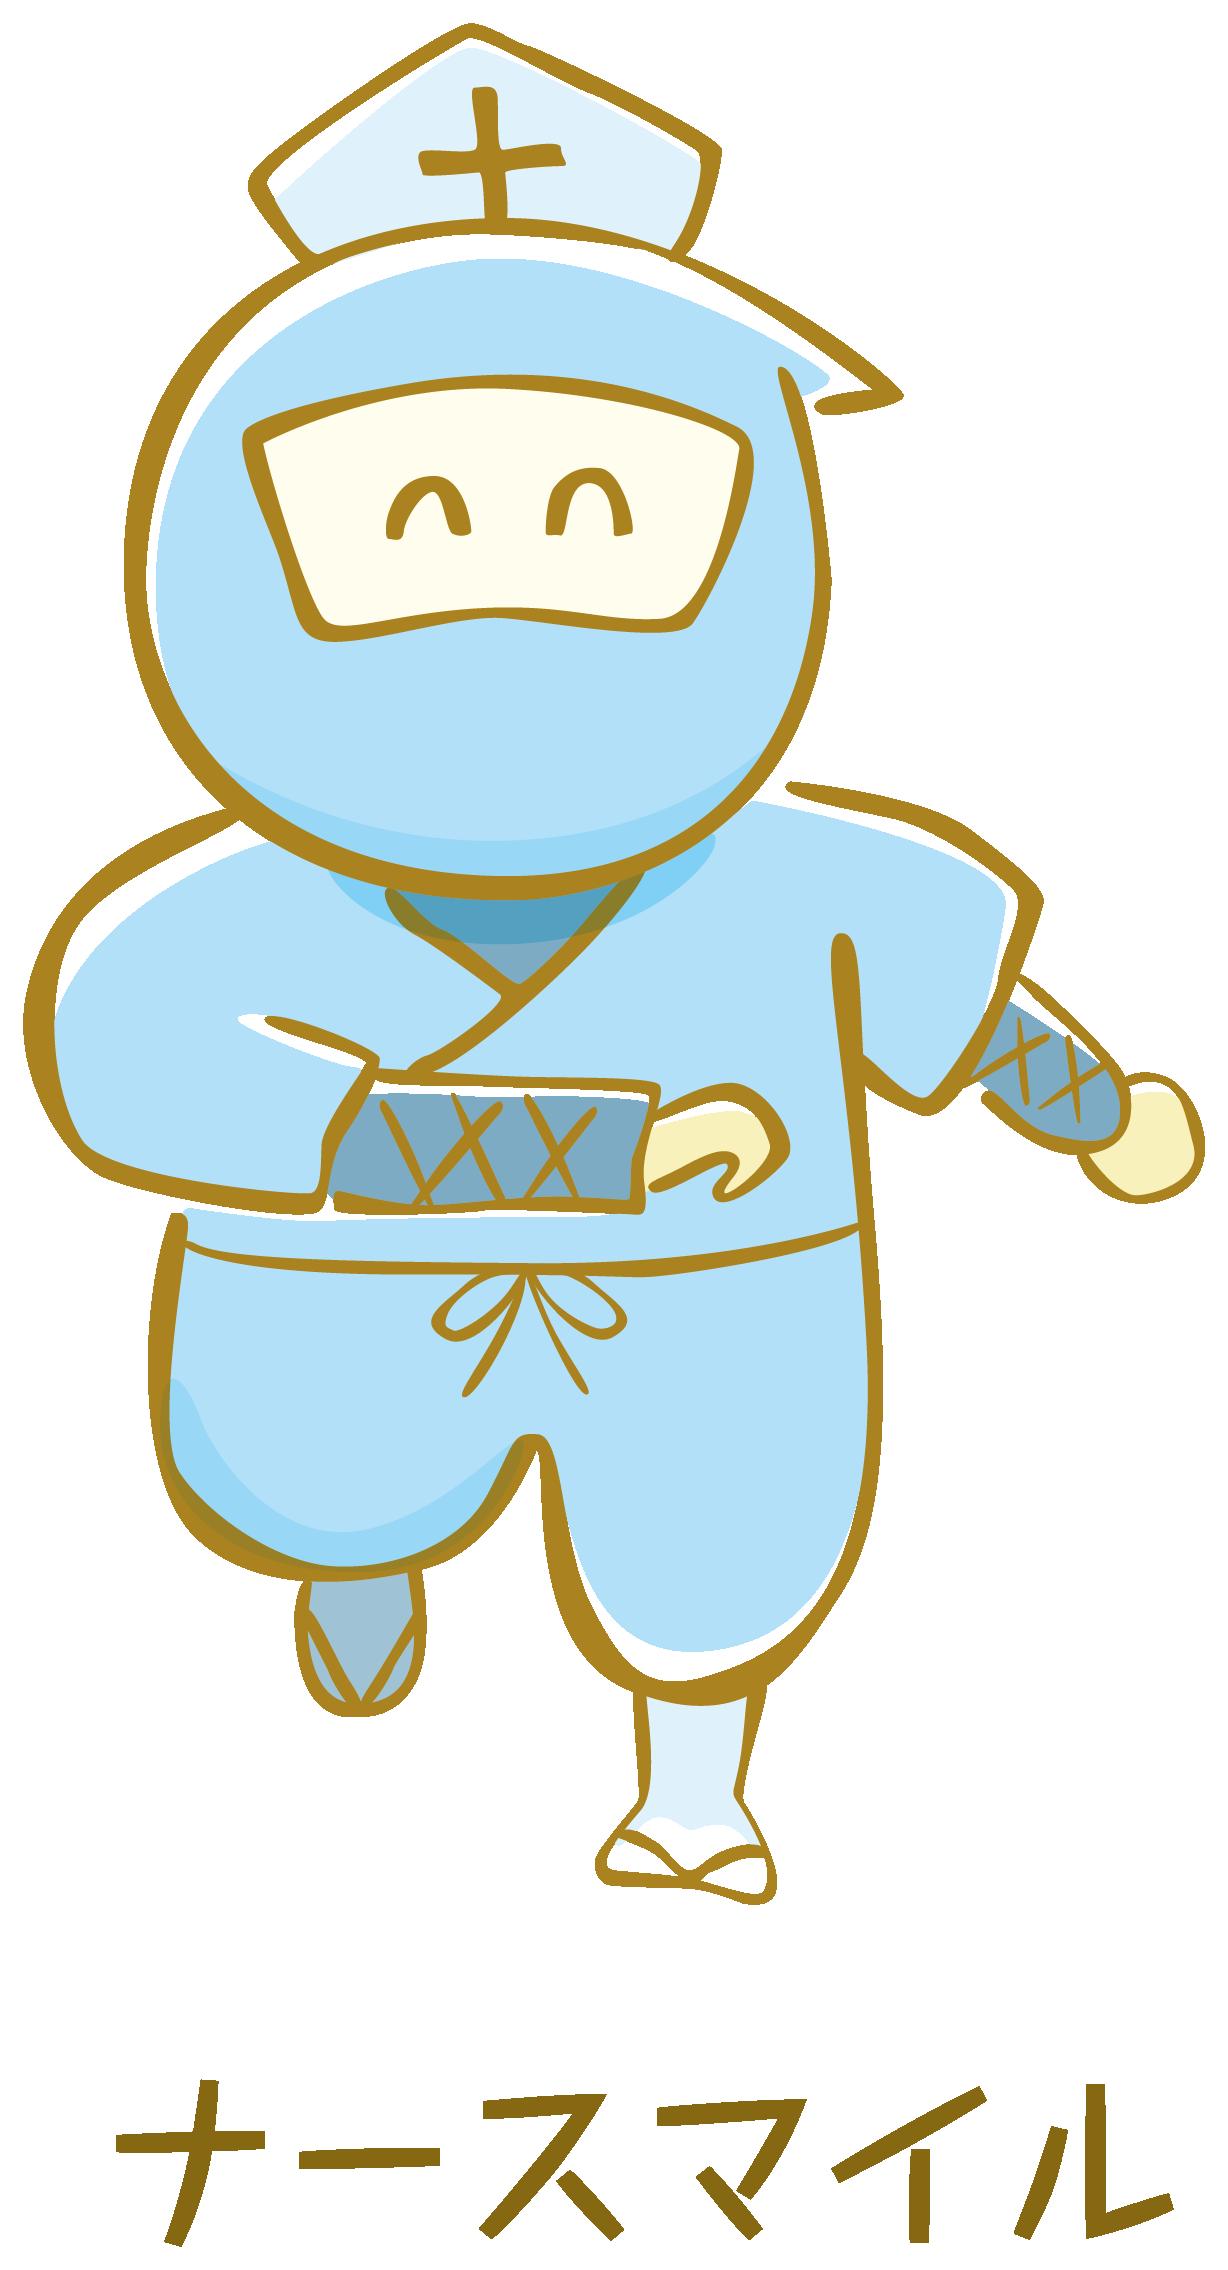 介護/福祉と親しみ/優しいと青のロゴ